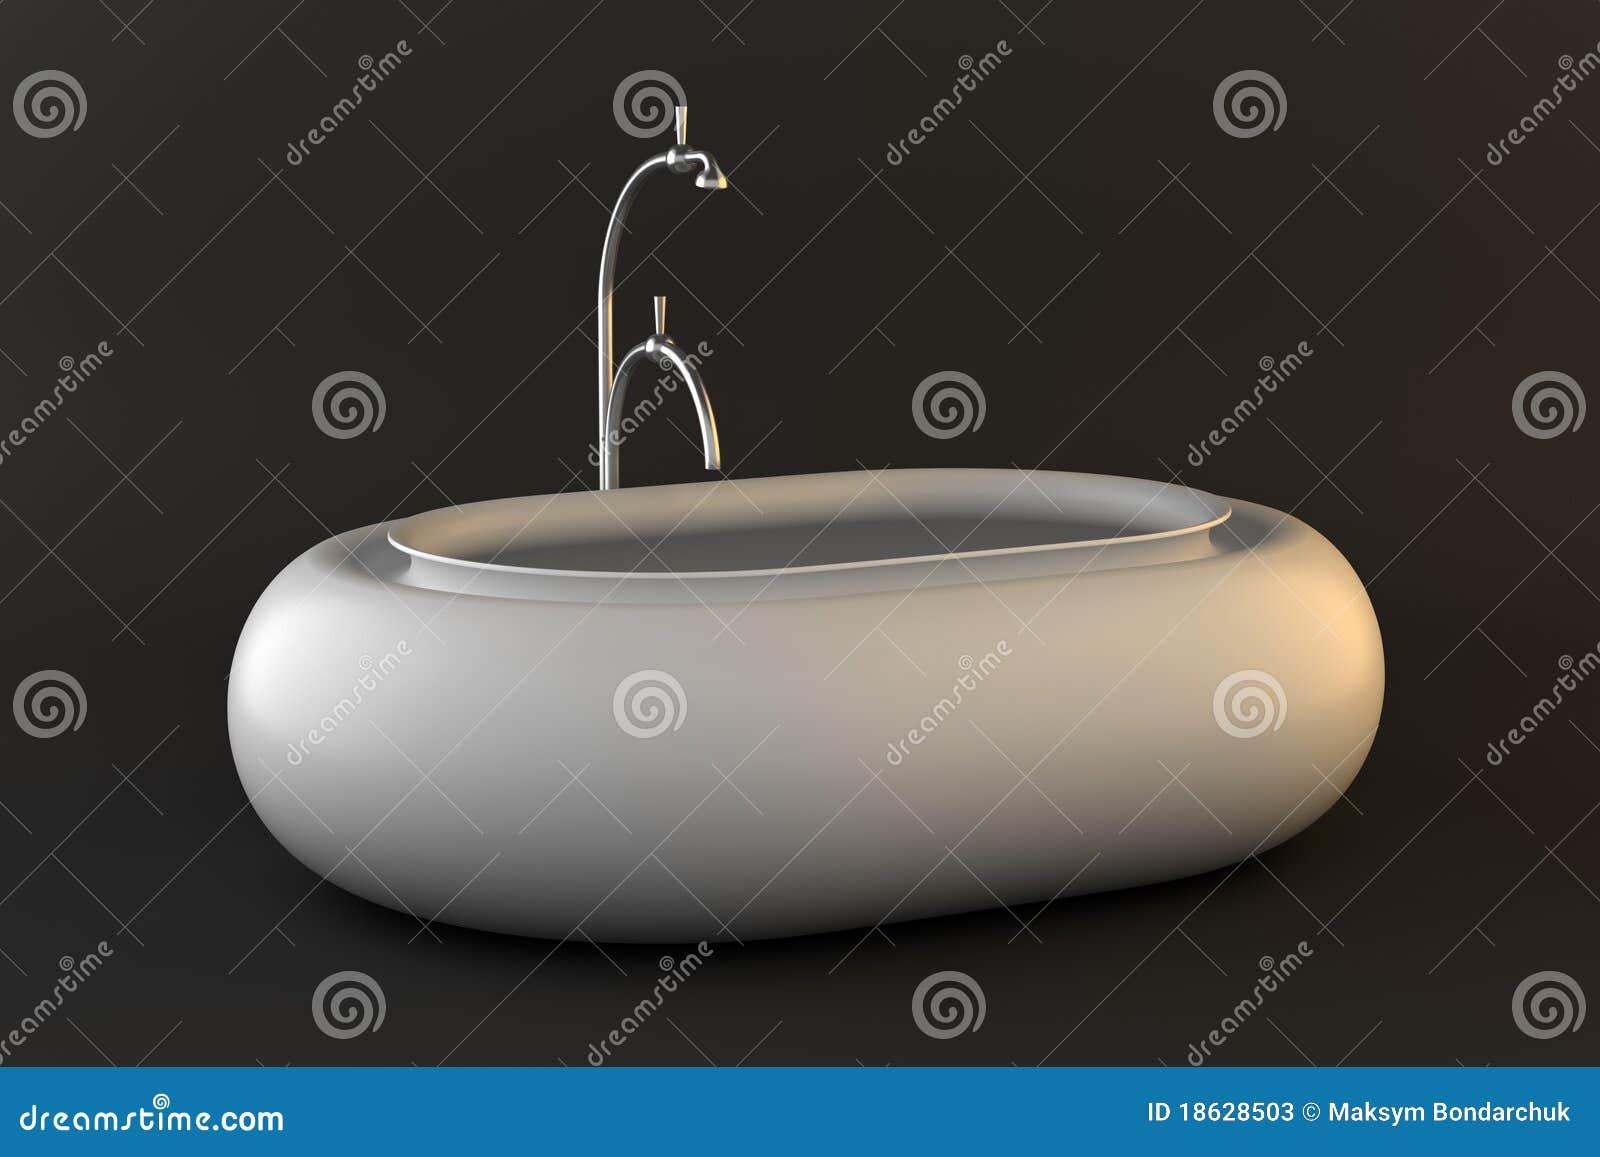 Vasca Da Bagno Bassa : Vasca da bagno moderna isolata su priorità bassa scura